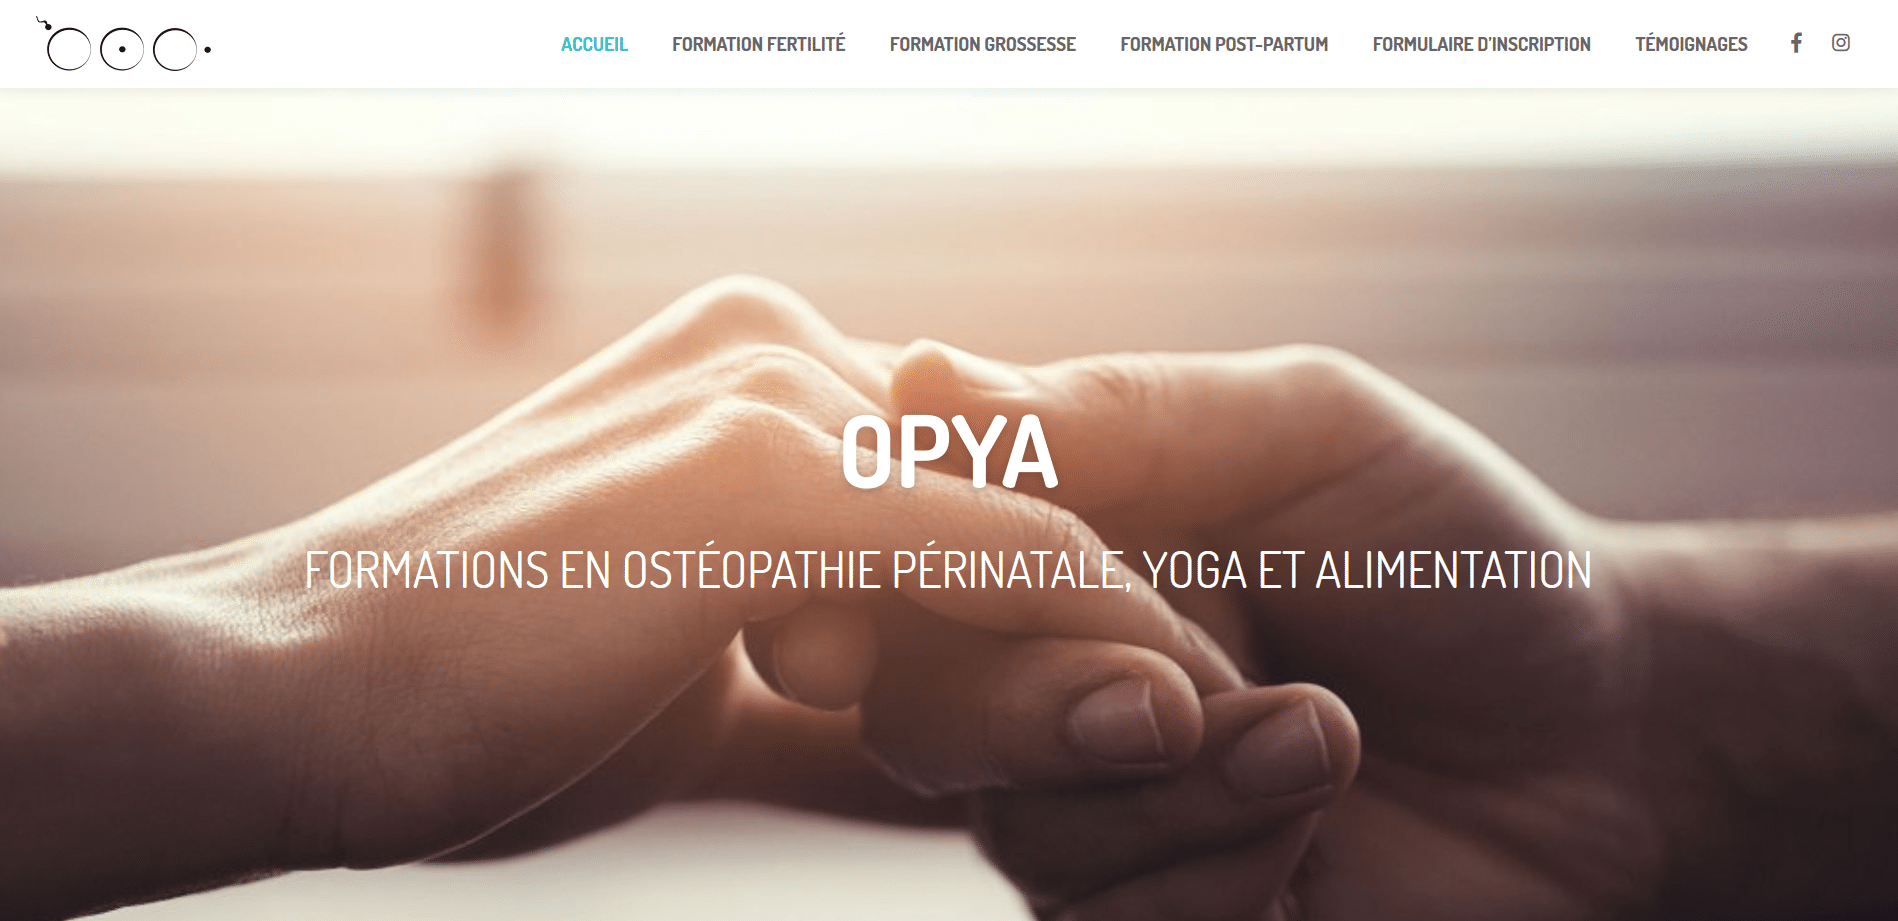 OPYA Formations